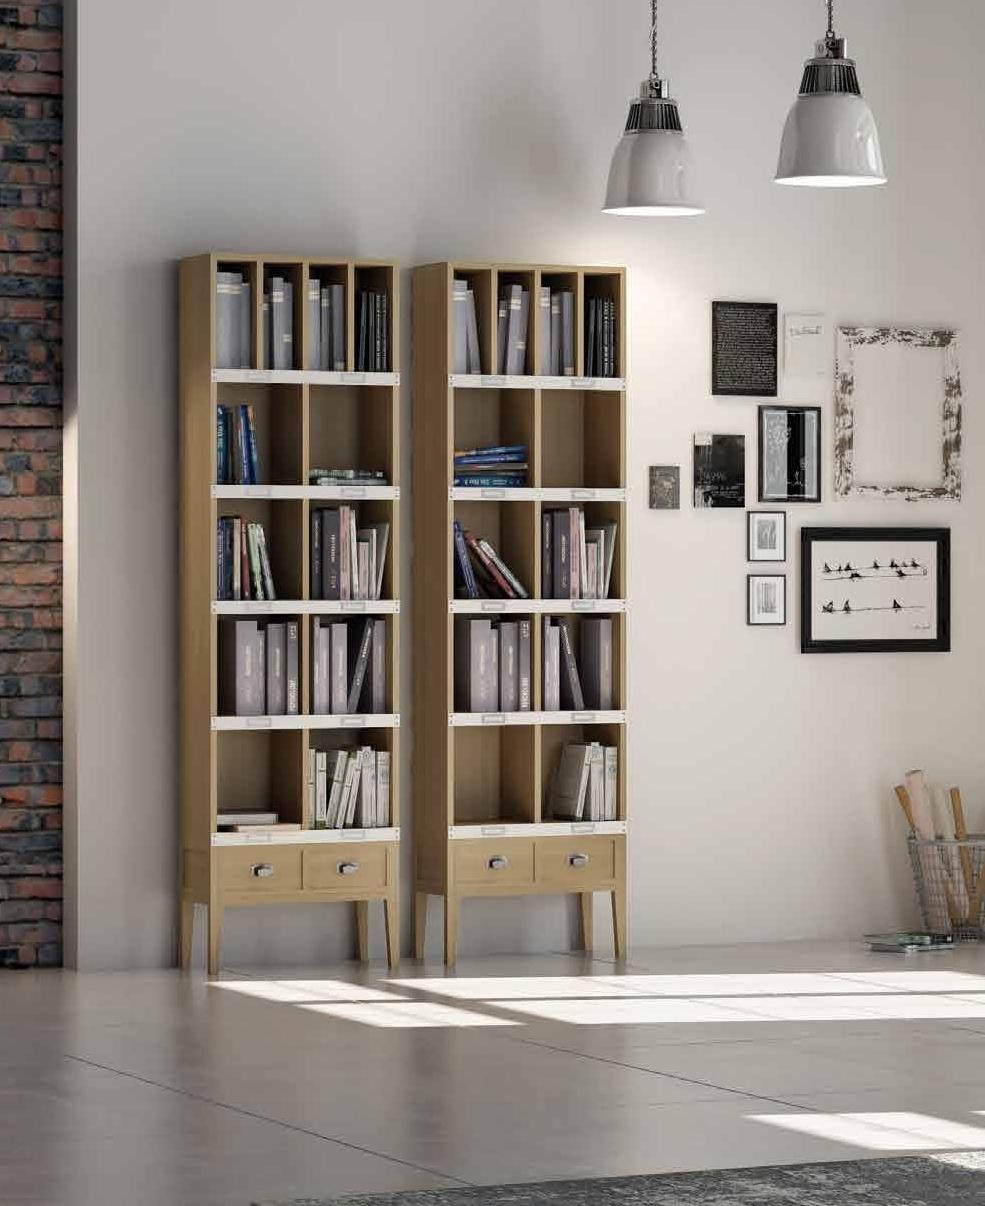 Librería colección Terra LIB01 - Librería colección Terra LIB01, Los colores elegidos para este ambiente, son el Roble Tostado con detalles en laca Blanco Roto.